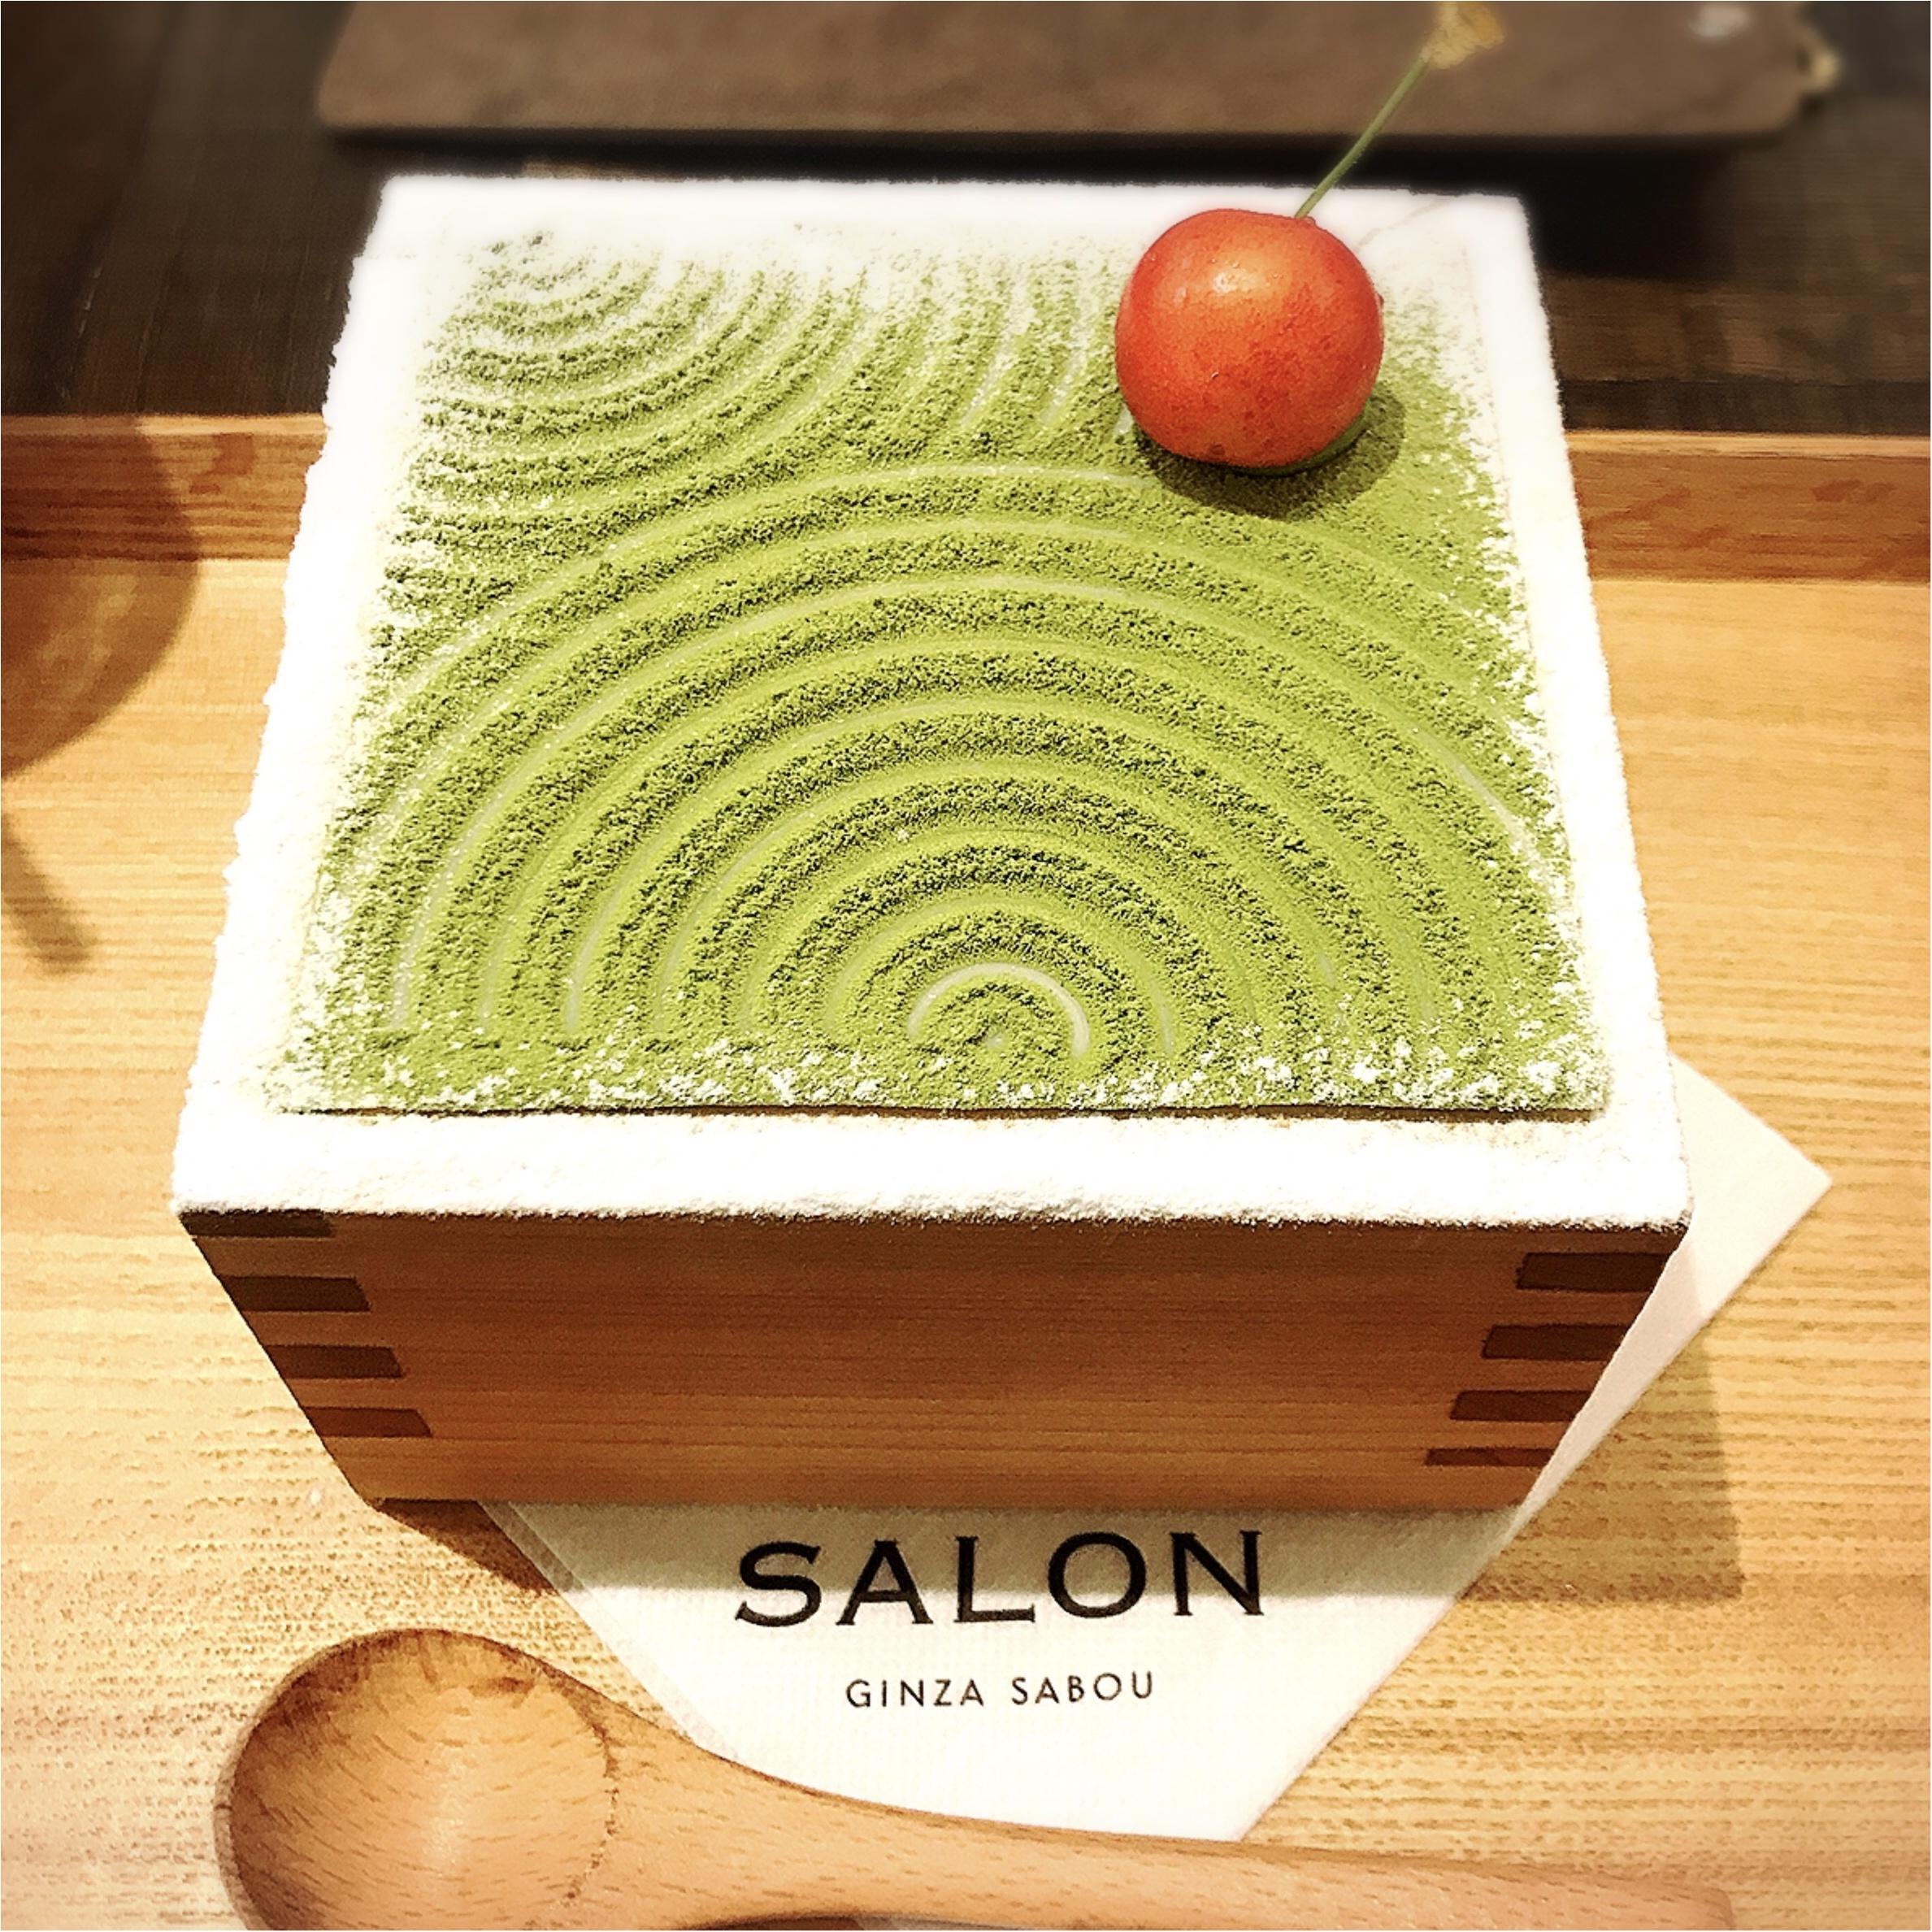 【銀座グルメ】《SALON GINZA SABOU》のフォトジェニックすぎる抹茶パフェ♡_3